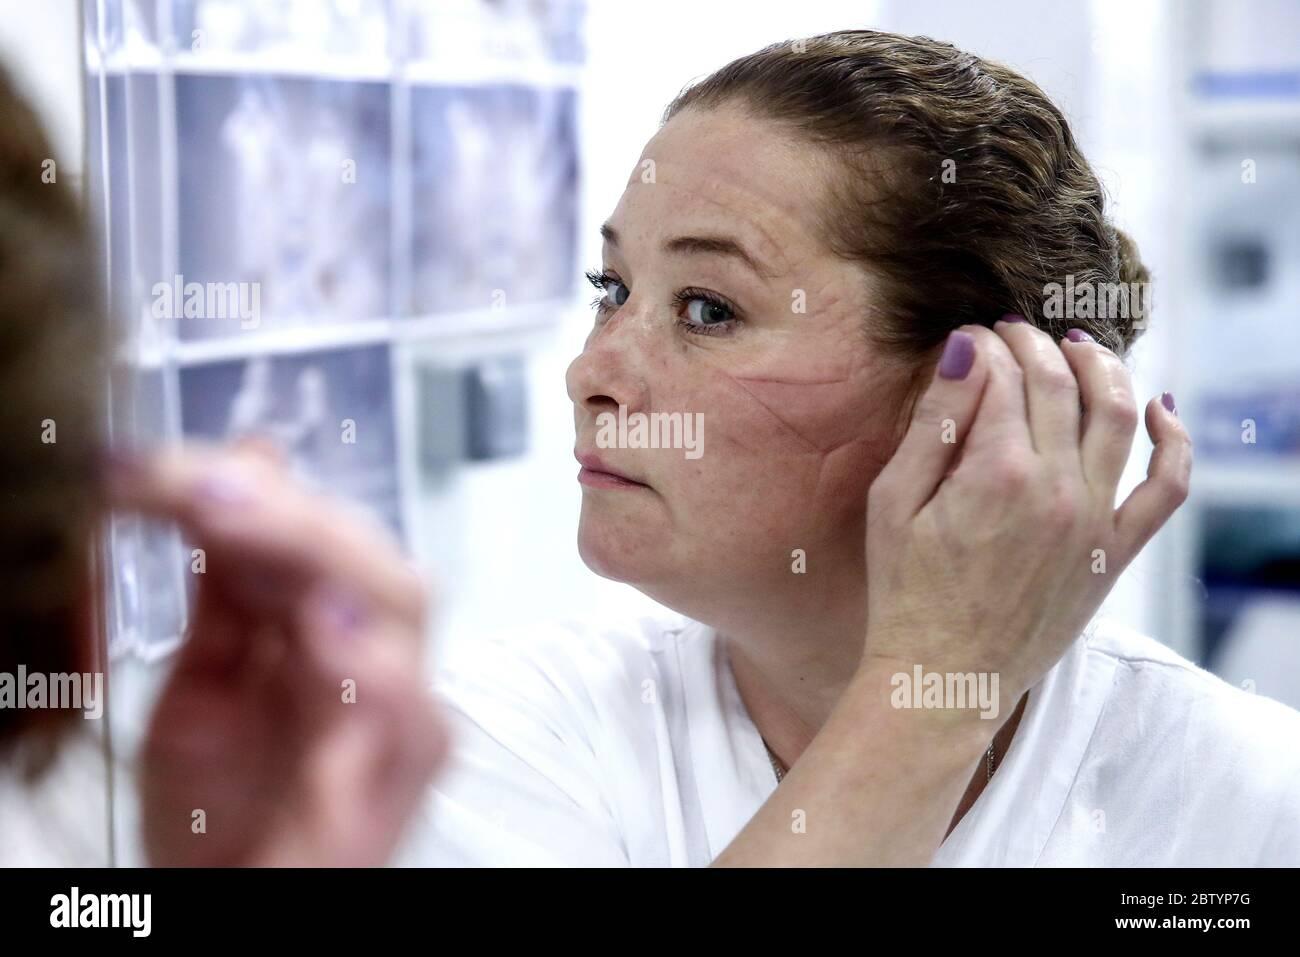 Moscou, Russie. 27 mai 2020. L'infirmière Yulia Polushkina, après avoir quitté la « zone de repos » dans une unité de soins intensifs de l'hôpital clinique central de RZD Medicine, sur la route Volokolamskoye de Moscou, a été réutilisée pour traiter les patients atteints de COVID-19. Crédit : Valery Sharifulin/TASS/Alay Live News Banque D'Images